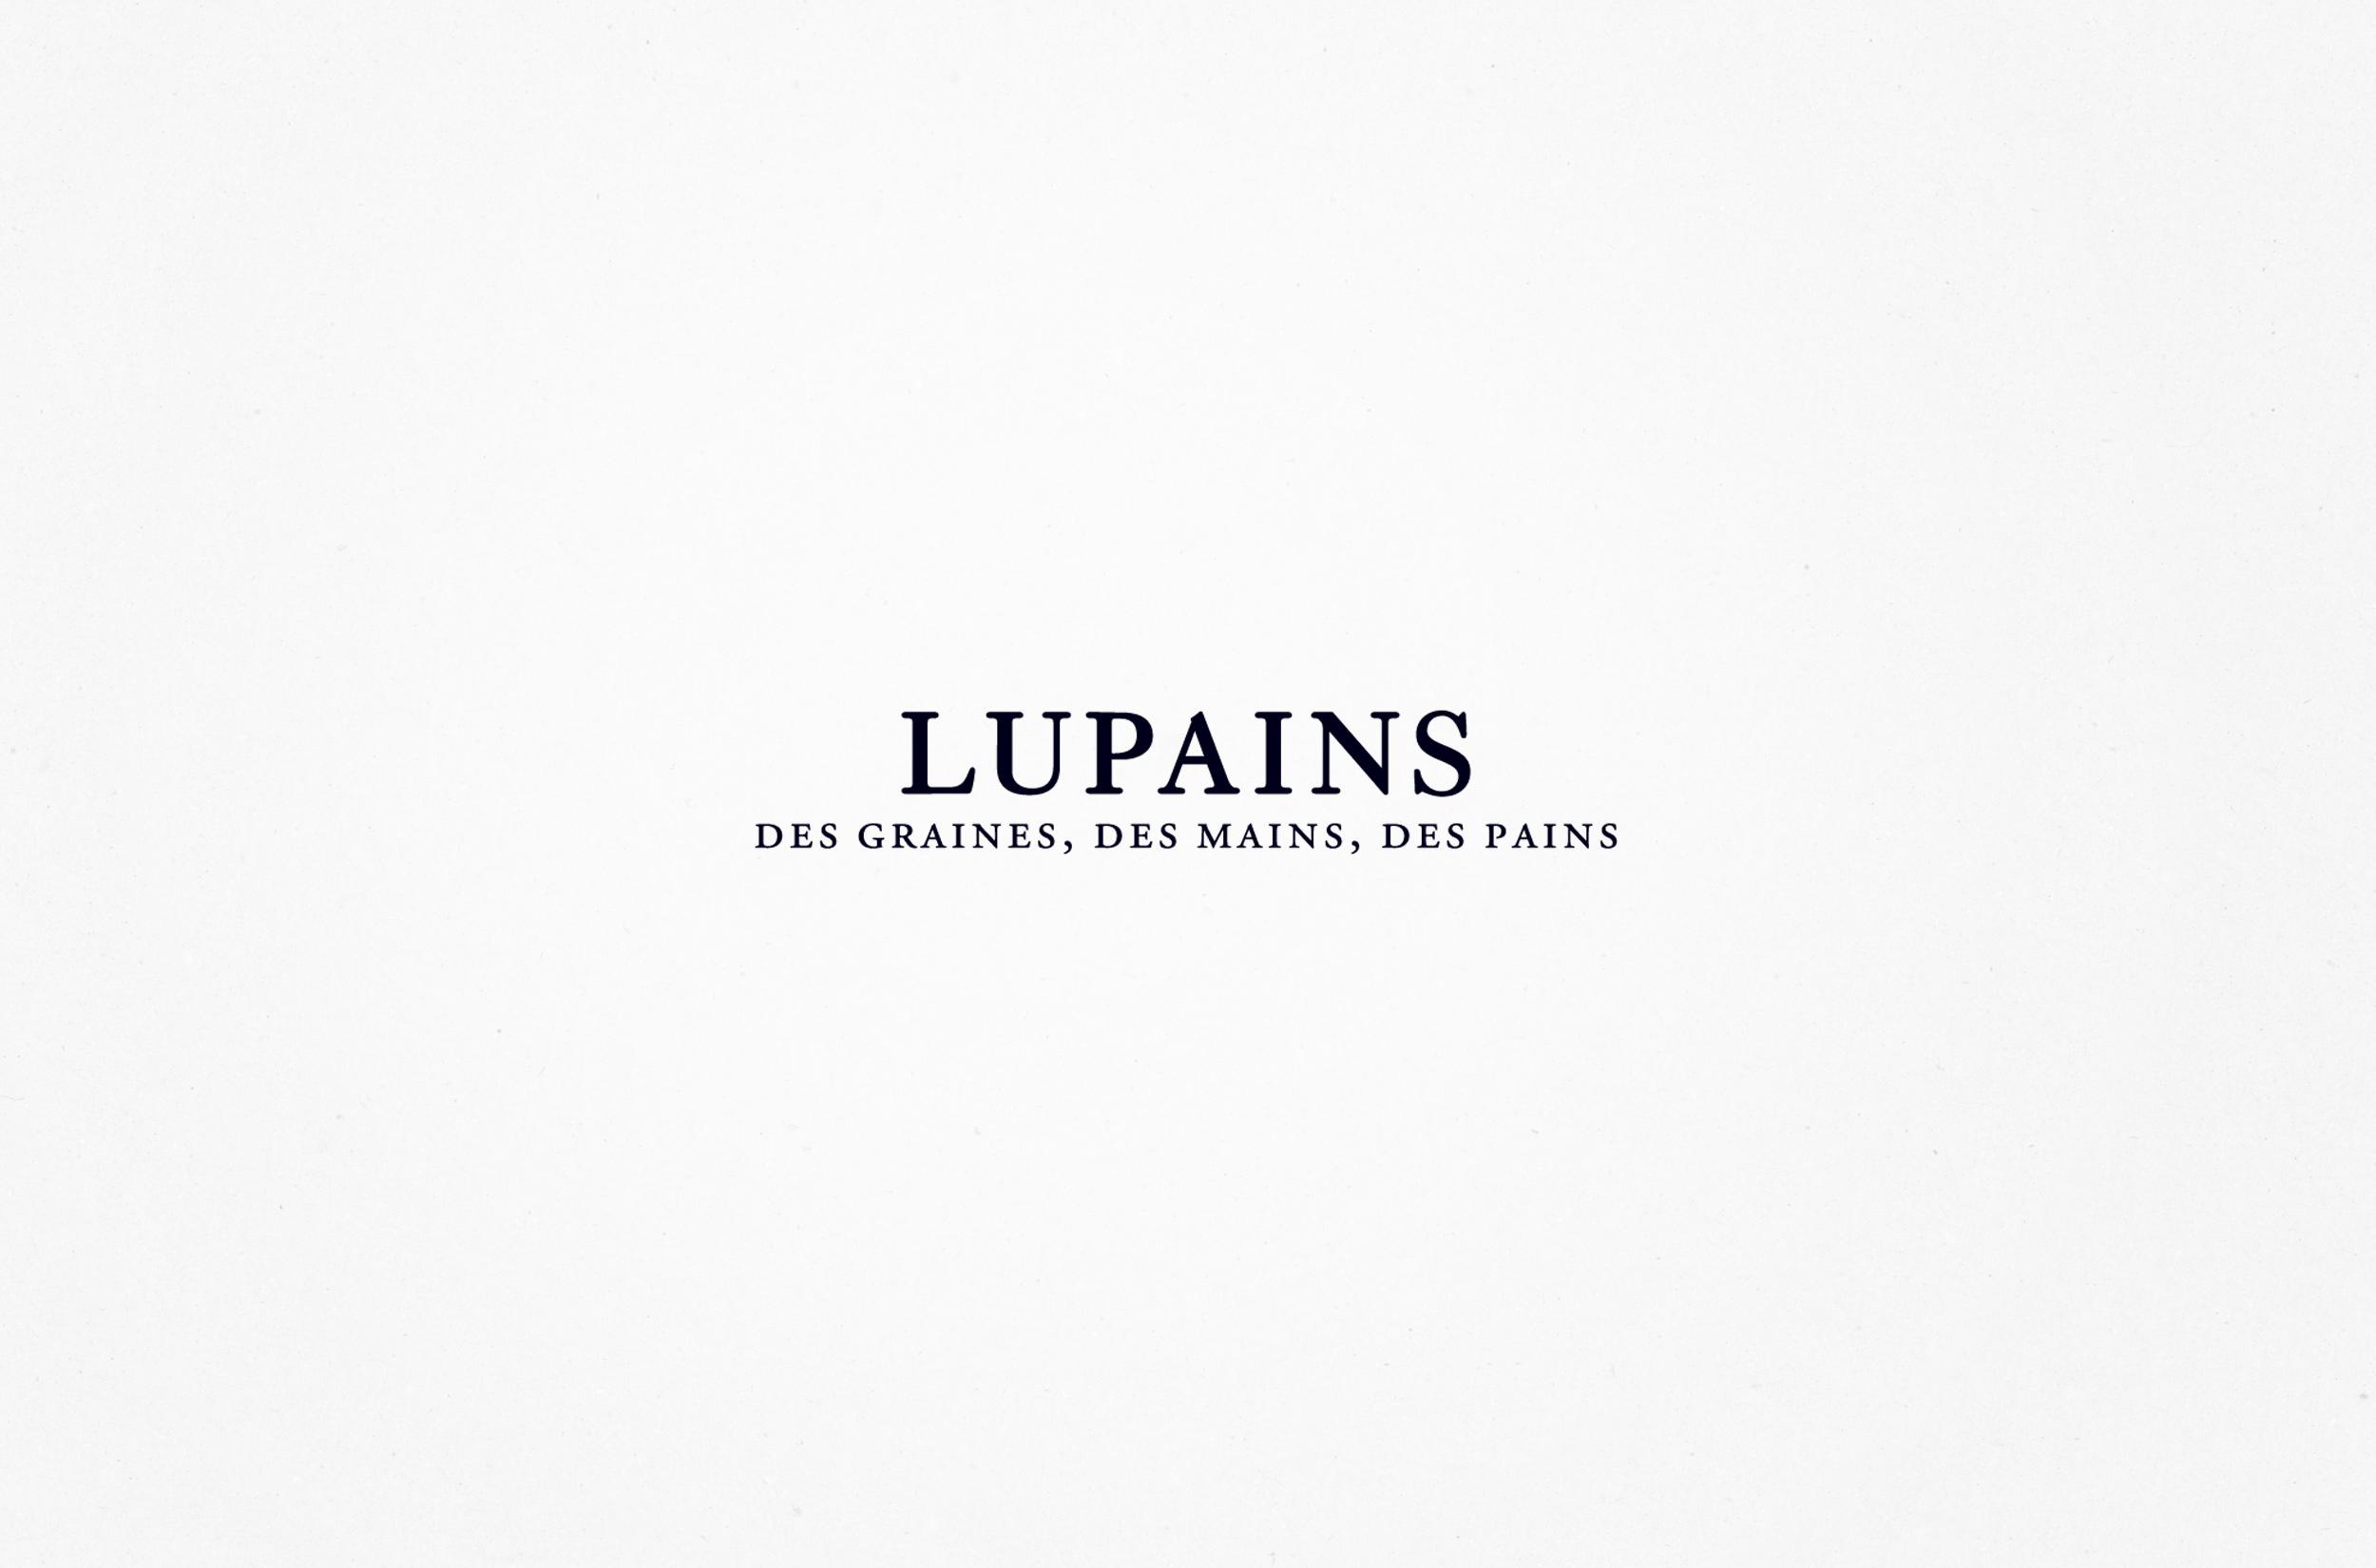 Les Lupains - 1